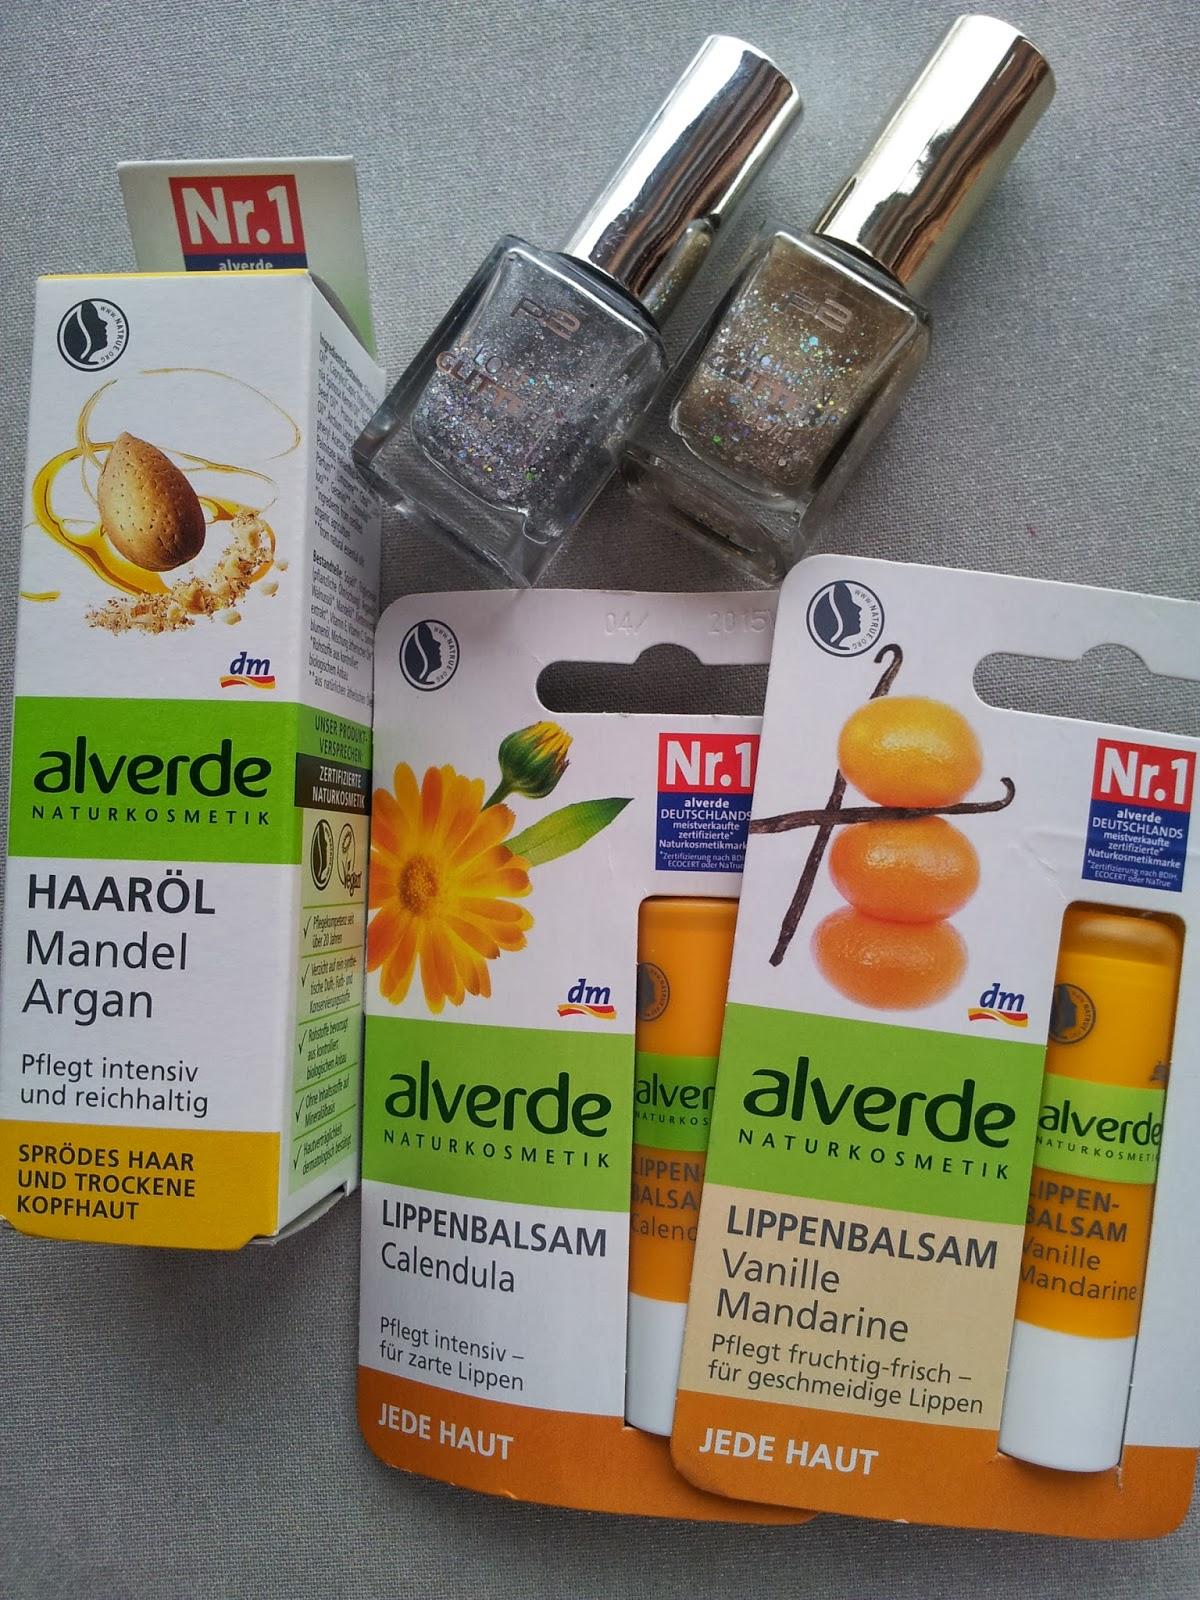 http://cosmeticinfinity.blogspot.com/2014/01/rozdanie-alverde-i-p2.html